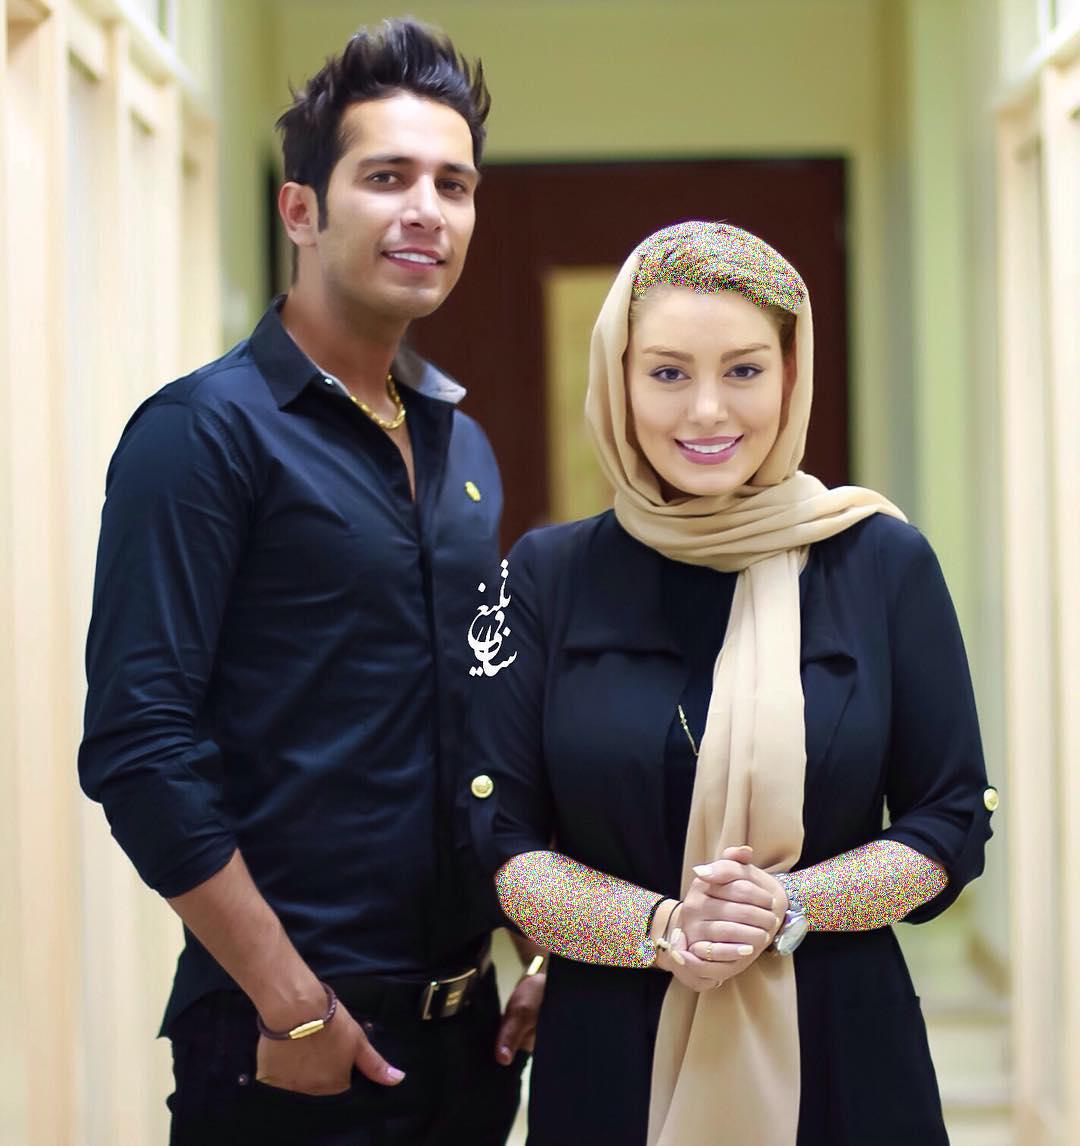 سحر قریشی بازیگر سینما در کنار همسرش!+عکس